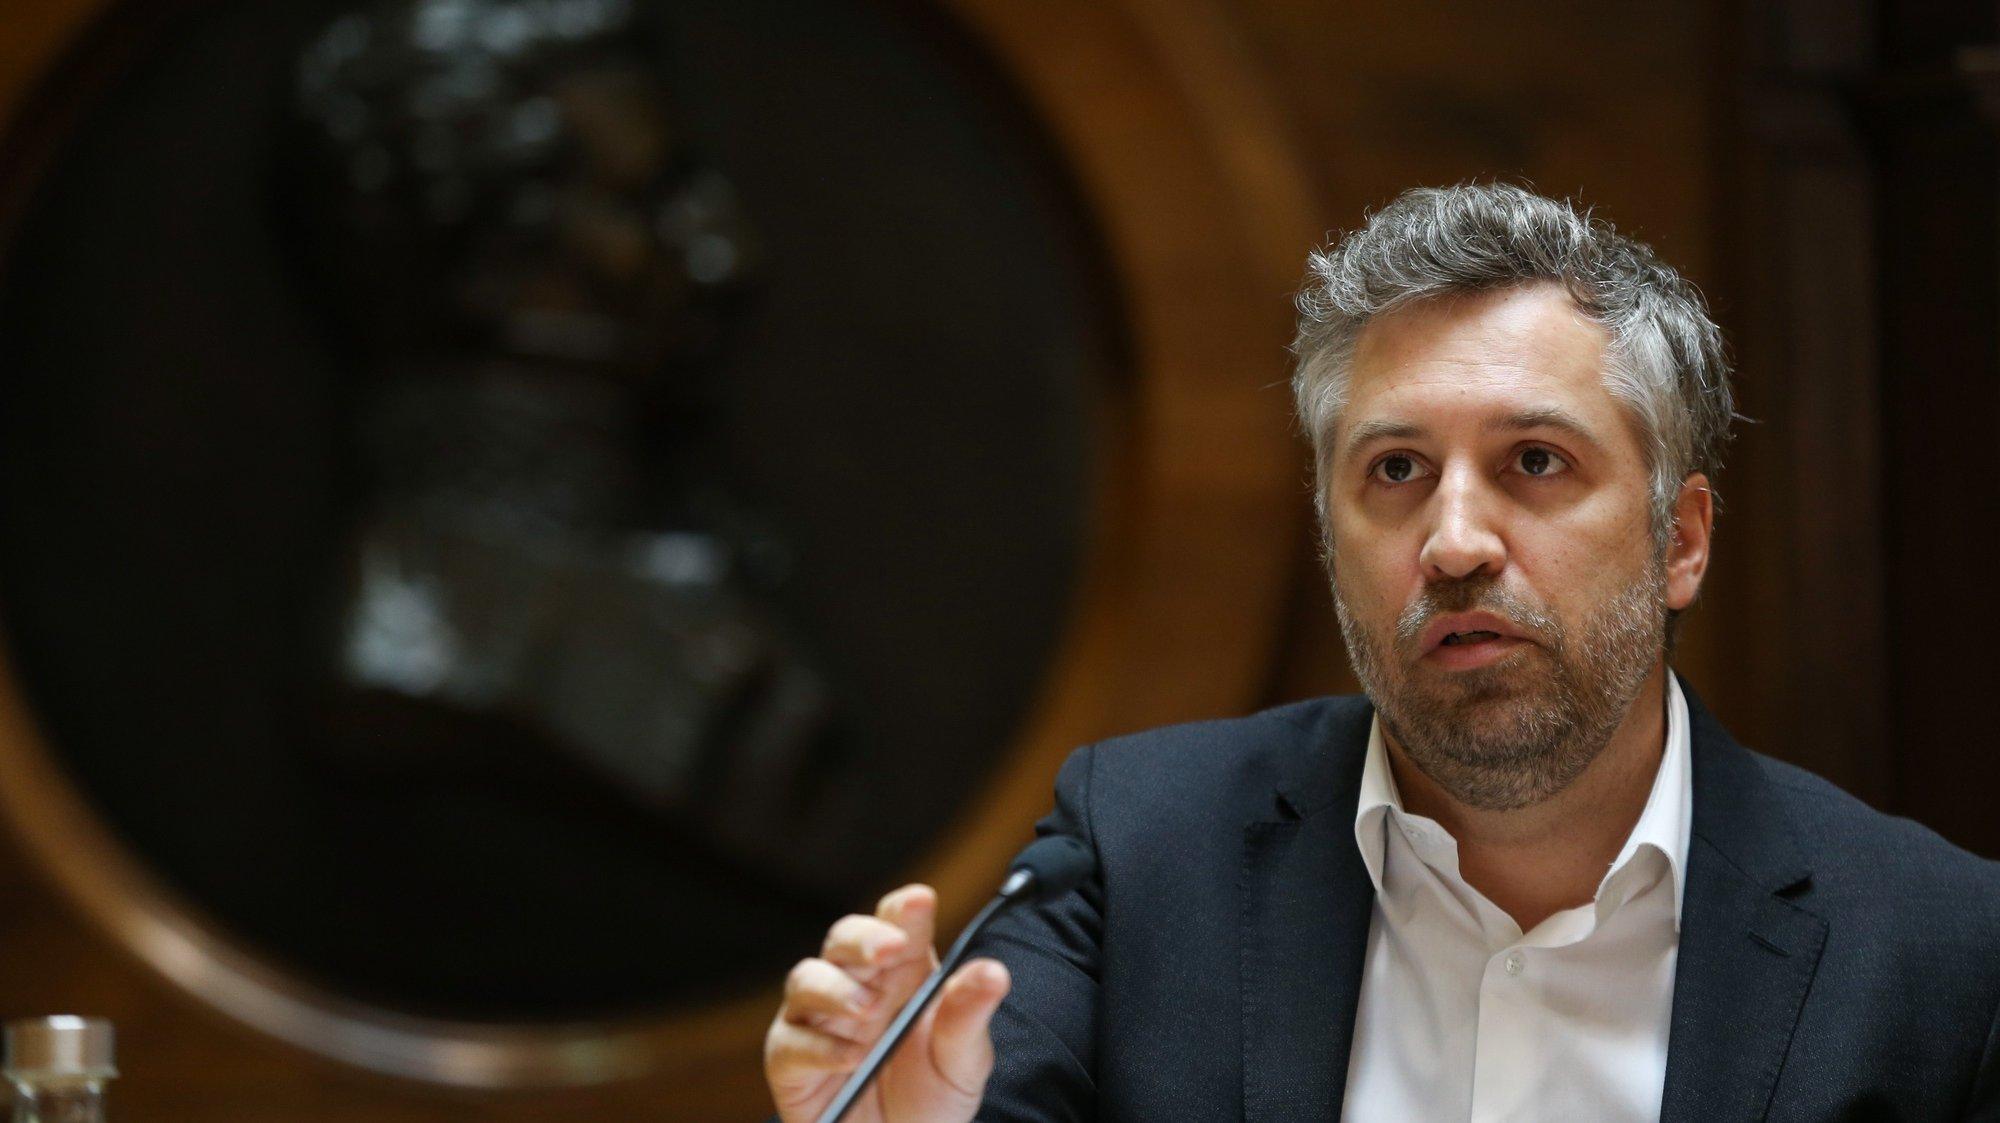 O ministro das Infraestruturas e Habitação, Pedro Nuno Santos, durante audição na Comissão de Economia, Inovação, Obras Públicas e Habitação na Assembleia da República,  em Lisboa, 18 de maio de 2021.   MANUEL DE ALMEIDA/LUSA